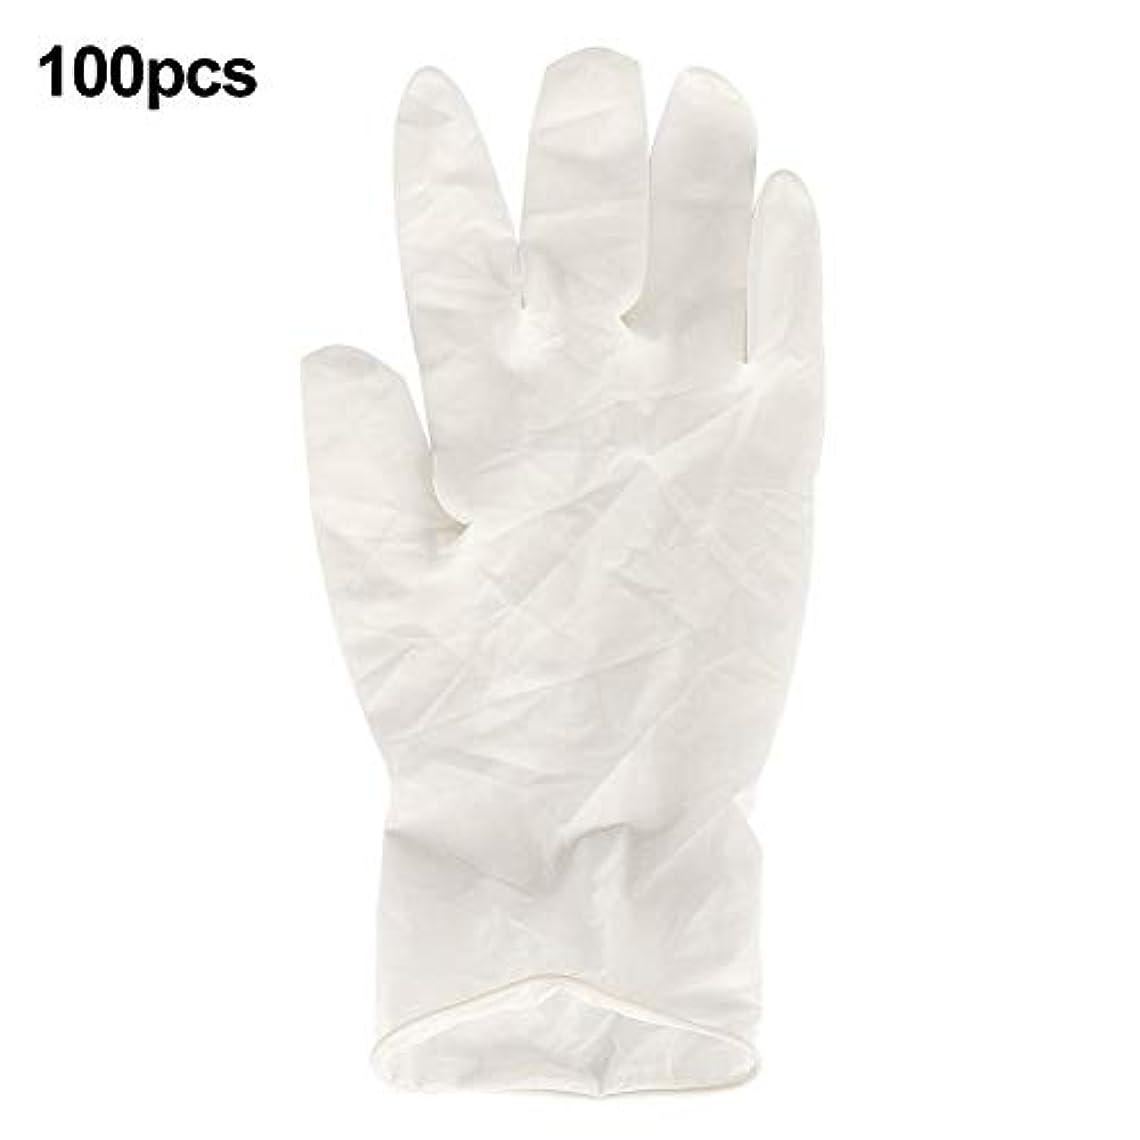 誇張する抜け目がないミントQiilu ラテックス手袋 使い捨て手袋 ゴム手袋 100個(中型)